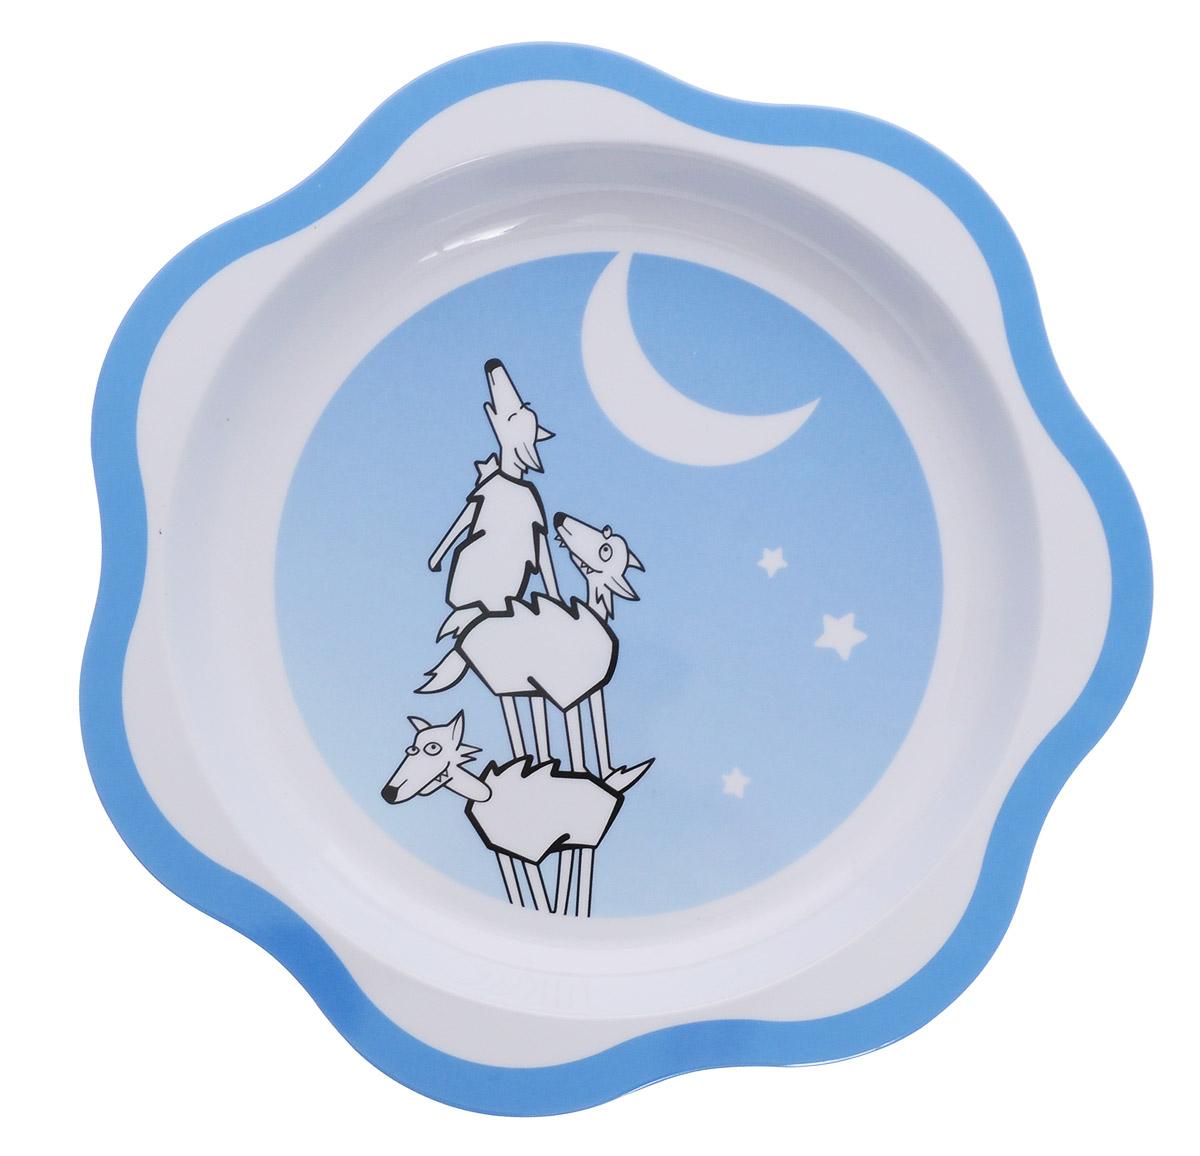 Tescoma Тарелка детская ВолкFS-91909Детская тарелка Tescoma Волк изготовлена из безопасного пластика.Тарелочка, оформленная веселой картинкой забавных волков, понравится и малышу, и родителям! Ребенок будет с удовольствием учиться кушать самостоятельно.Тарелочка подходит для горячей и холодной пищи. Можно использовать в посудомоечной машине. Нельзя использовать в микроволновой печи.